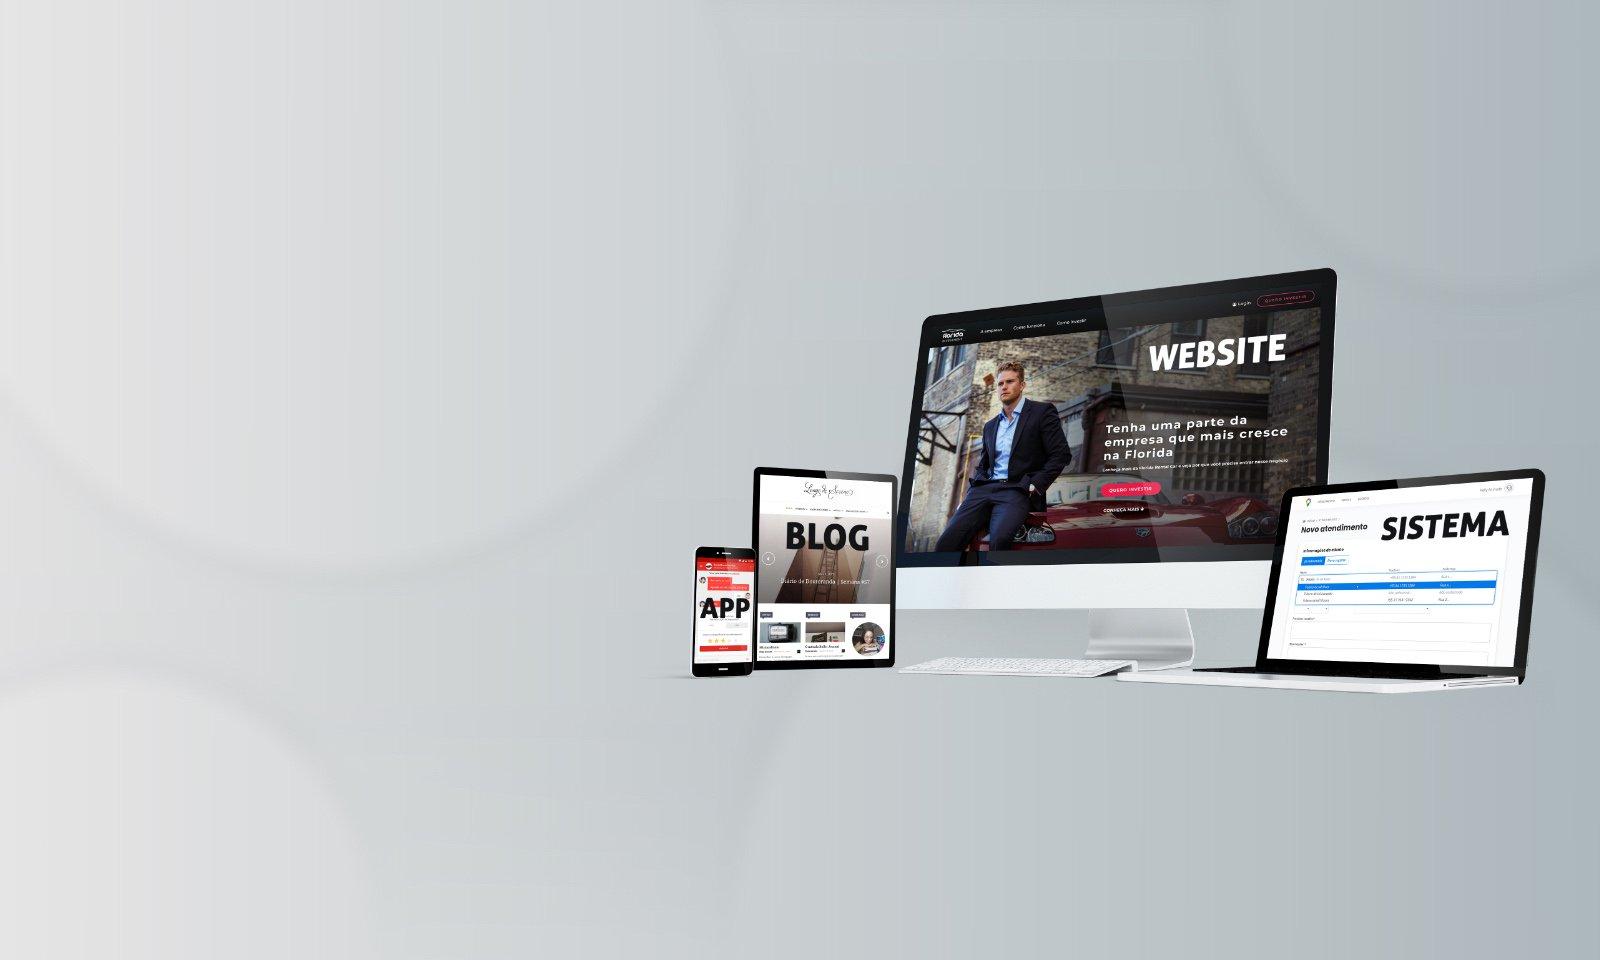 Precisa de um site,<br> sistema ou solução<br>específica? deixe<br> com a gente.